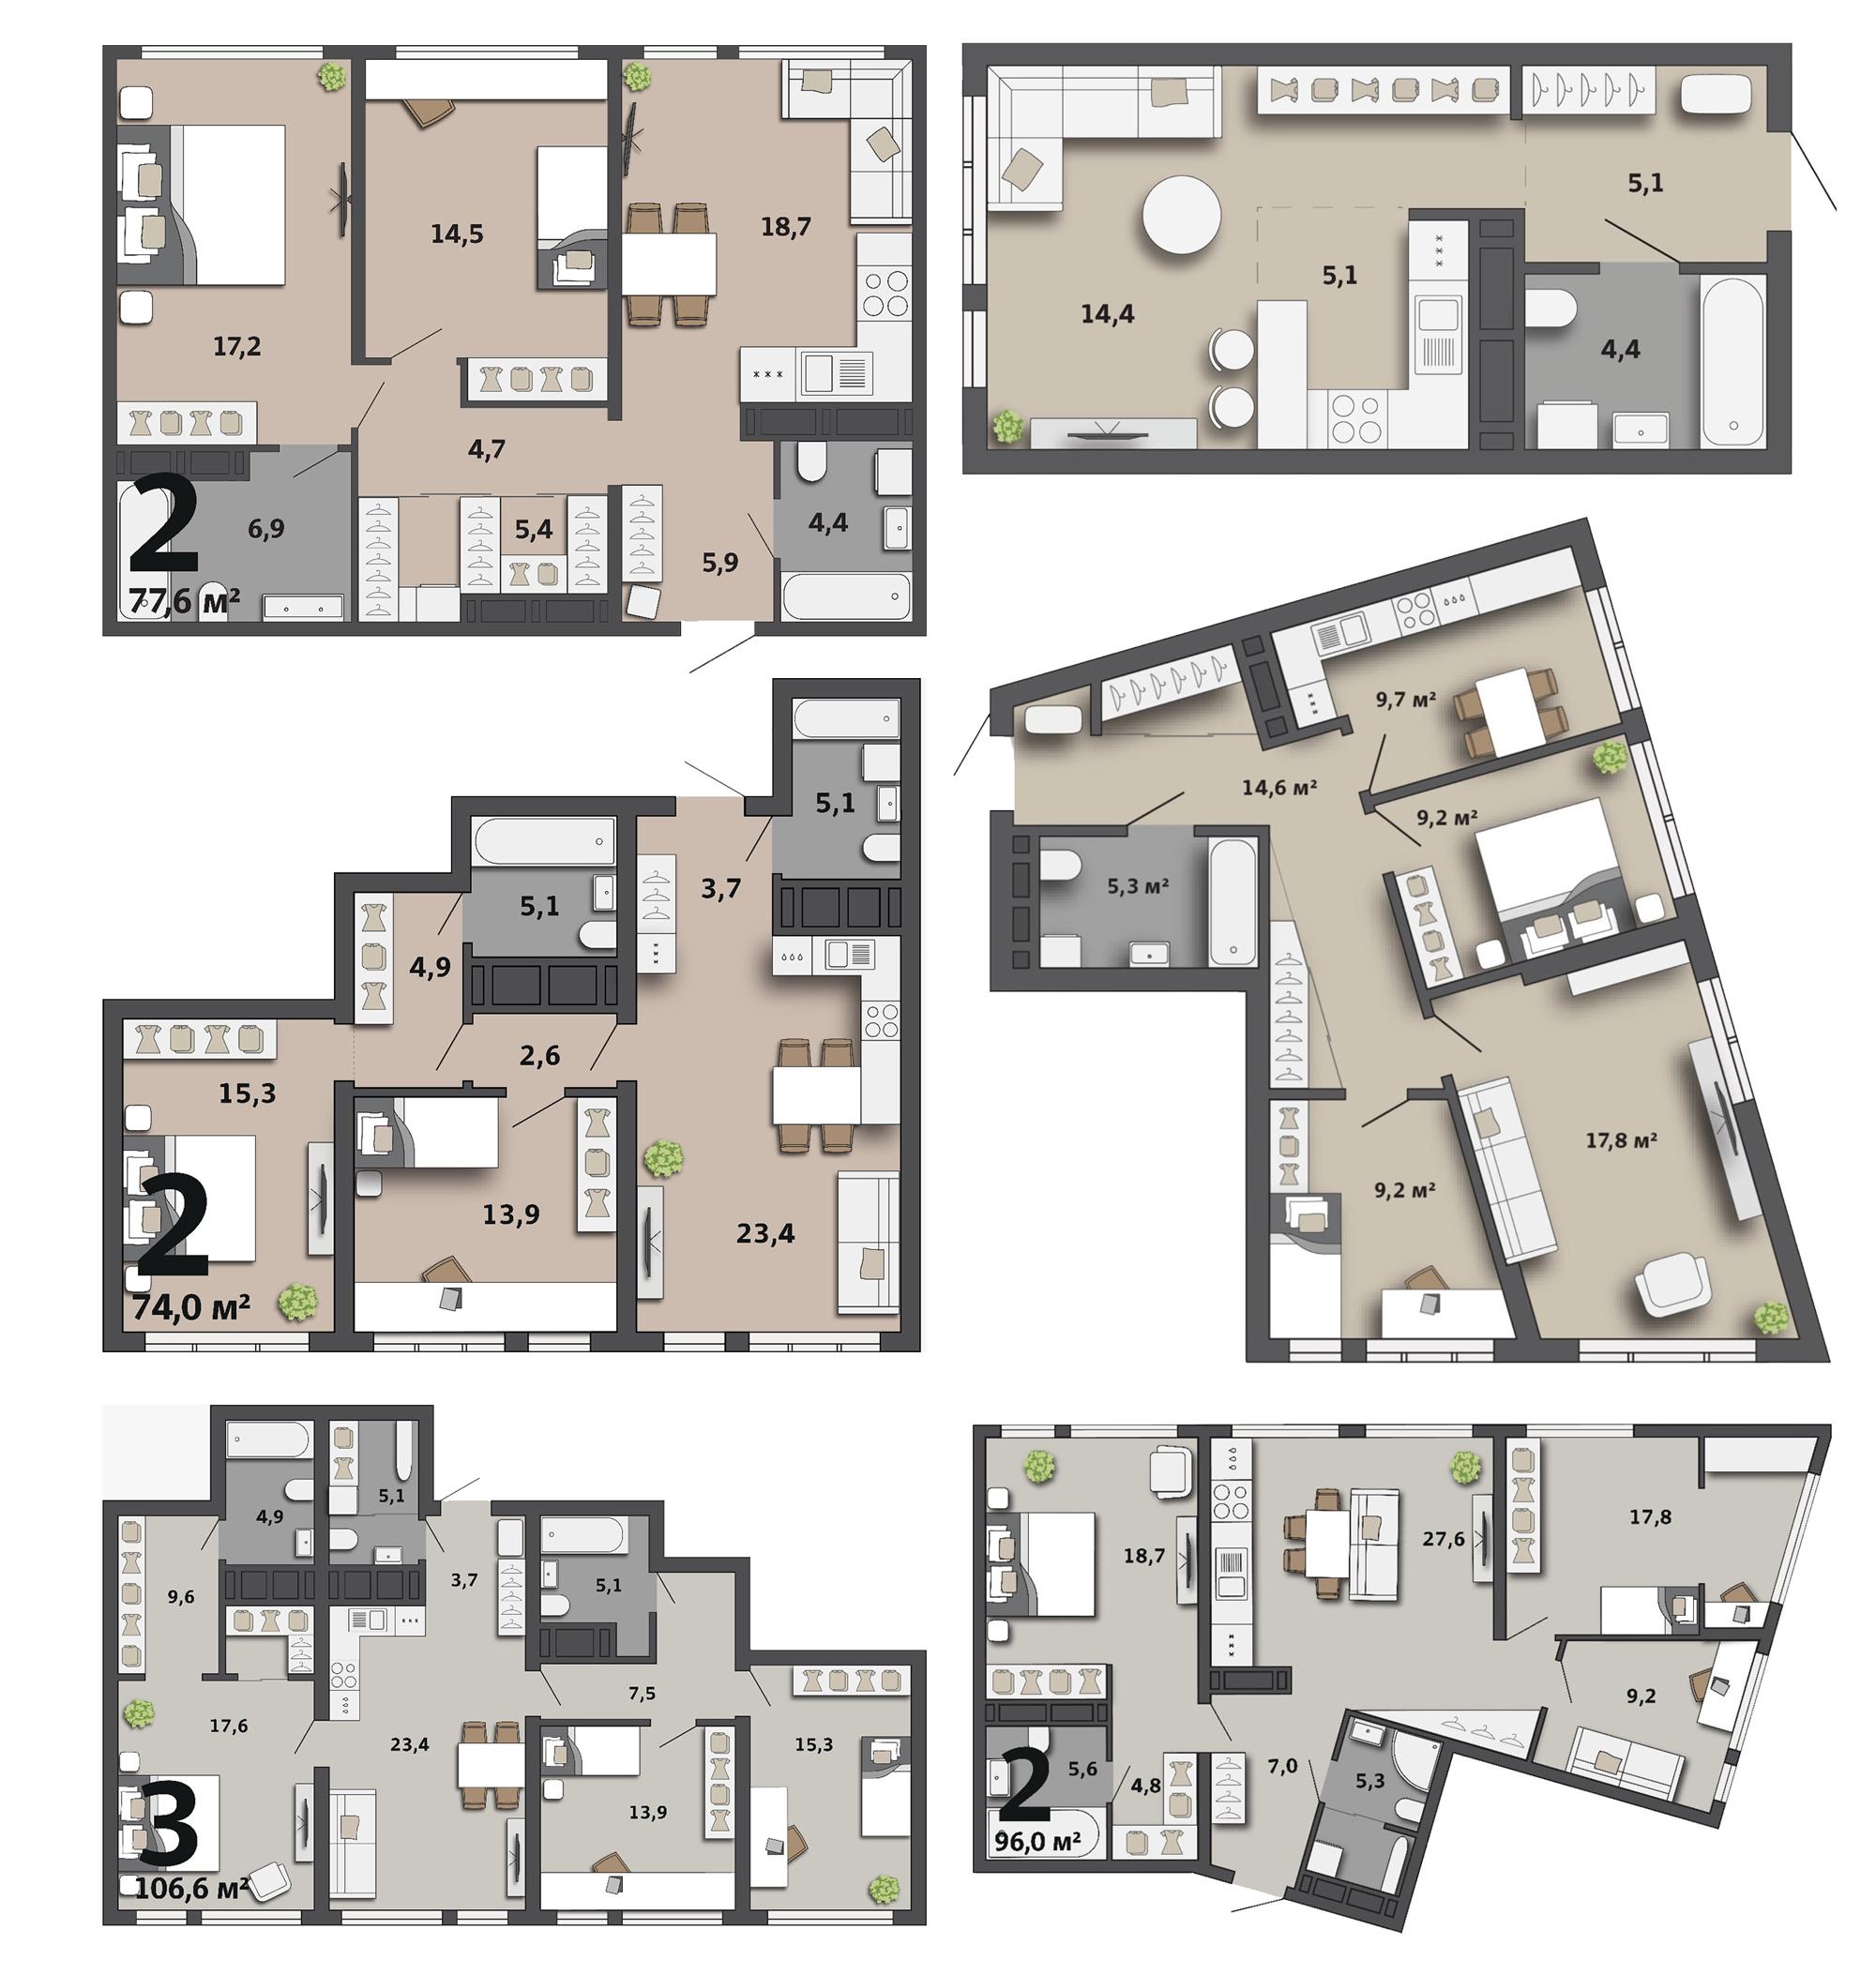 Галерея планировок квартир в первом доме жилого квартала «Татлин». Сдаваться квартиры будут с отделкой под чистовую